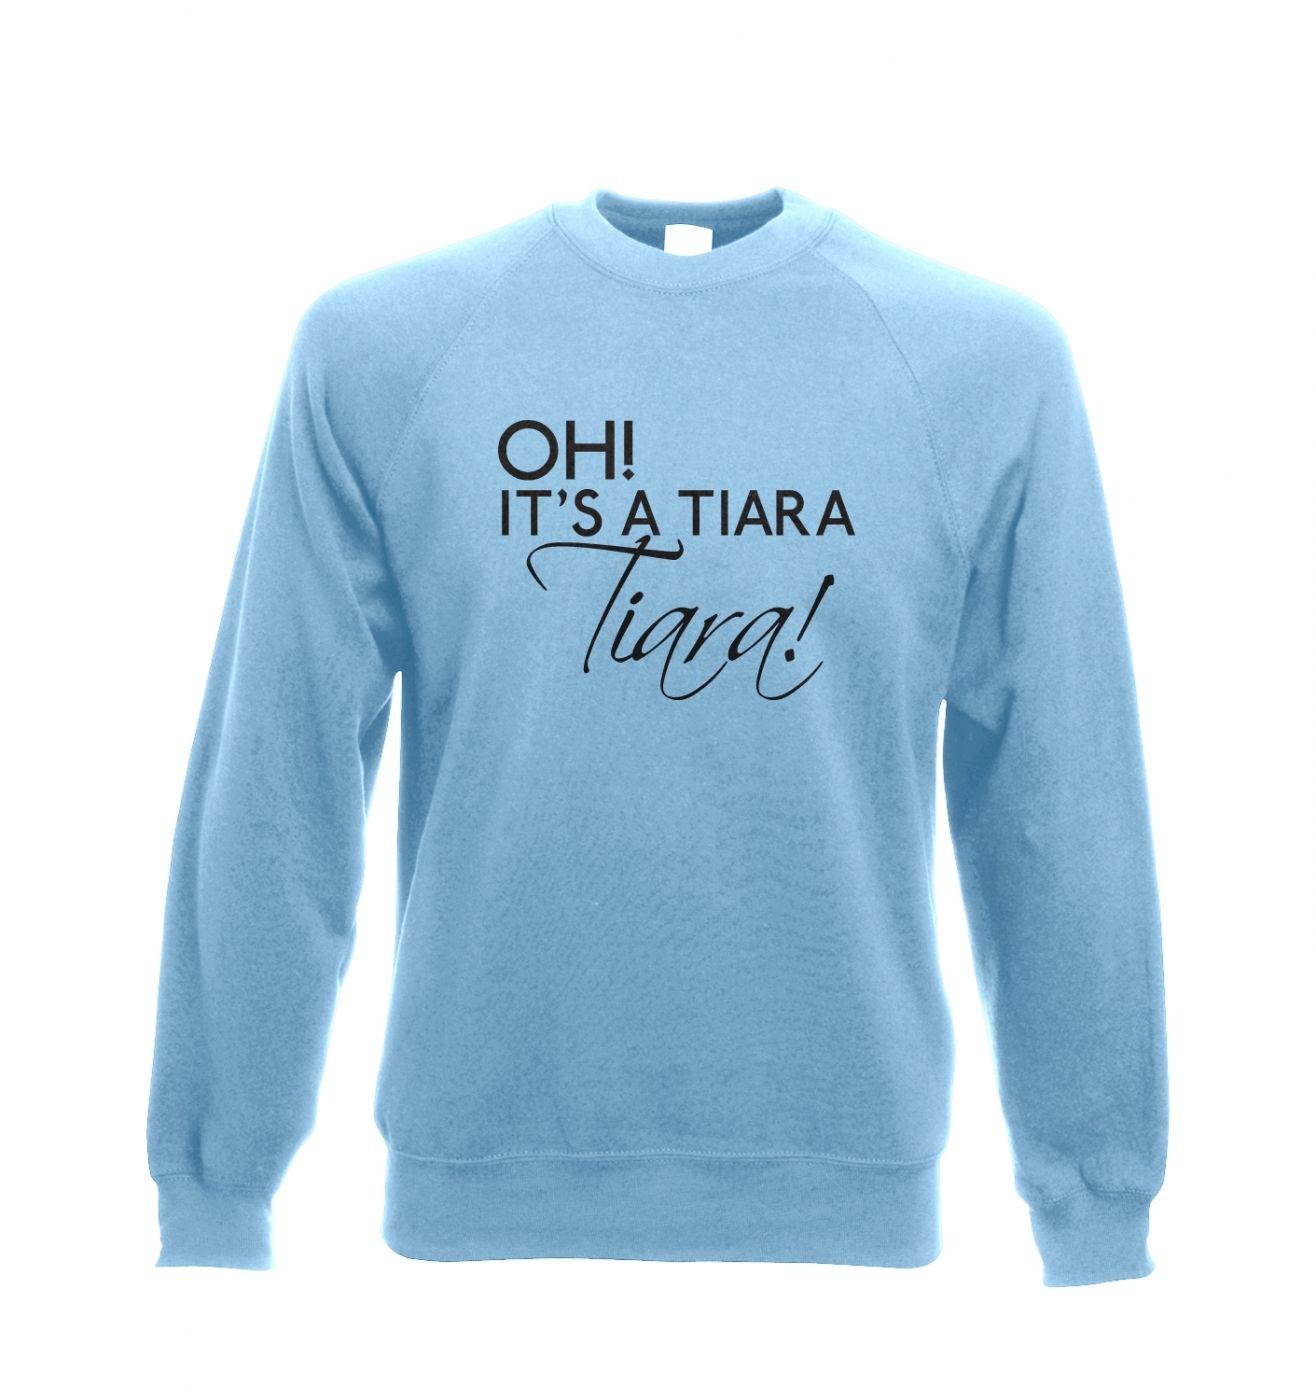 Oh! It's a tiara! TIARA! - Adult Crewneck Sweatshirt